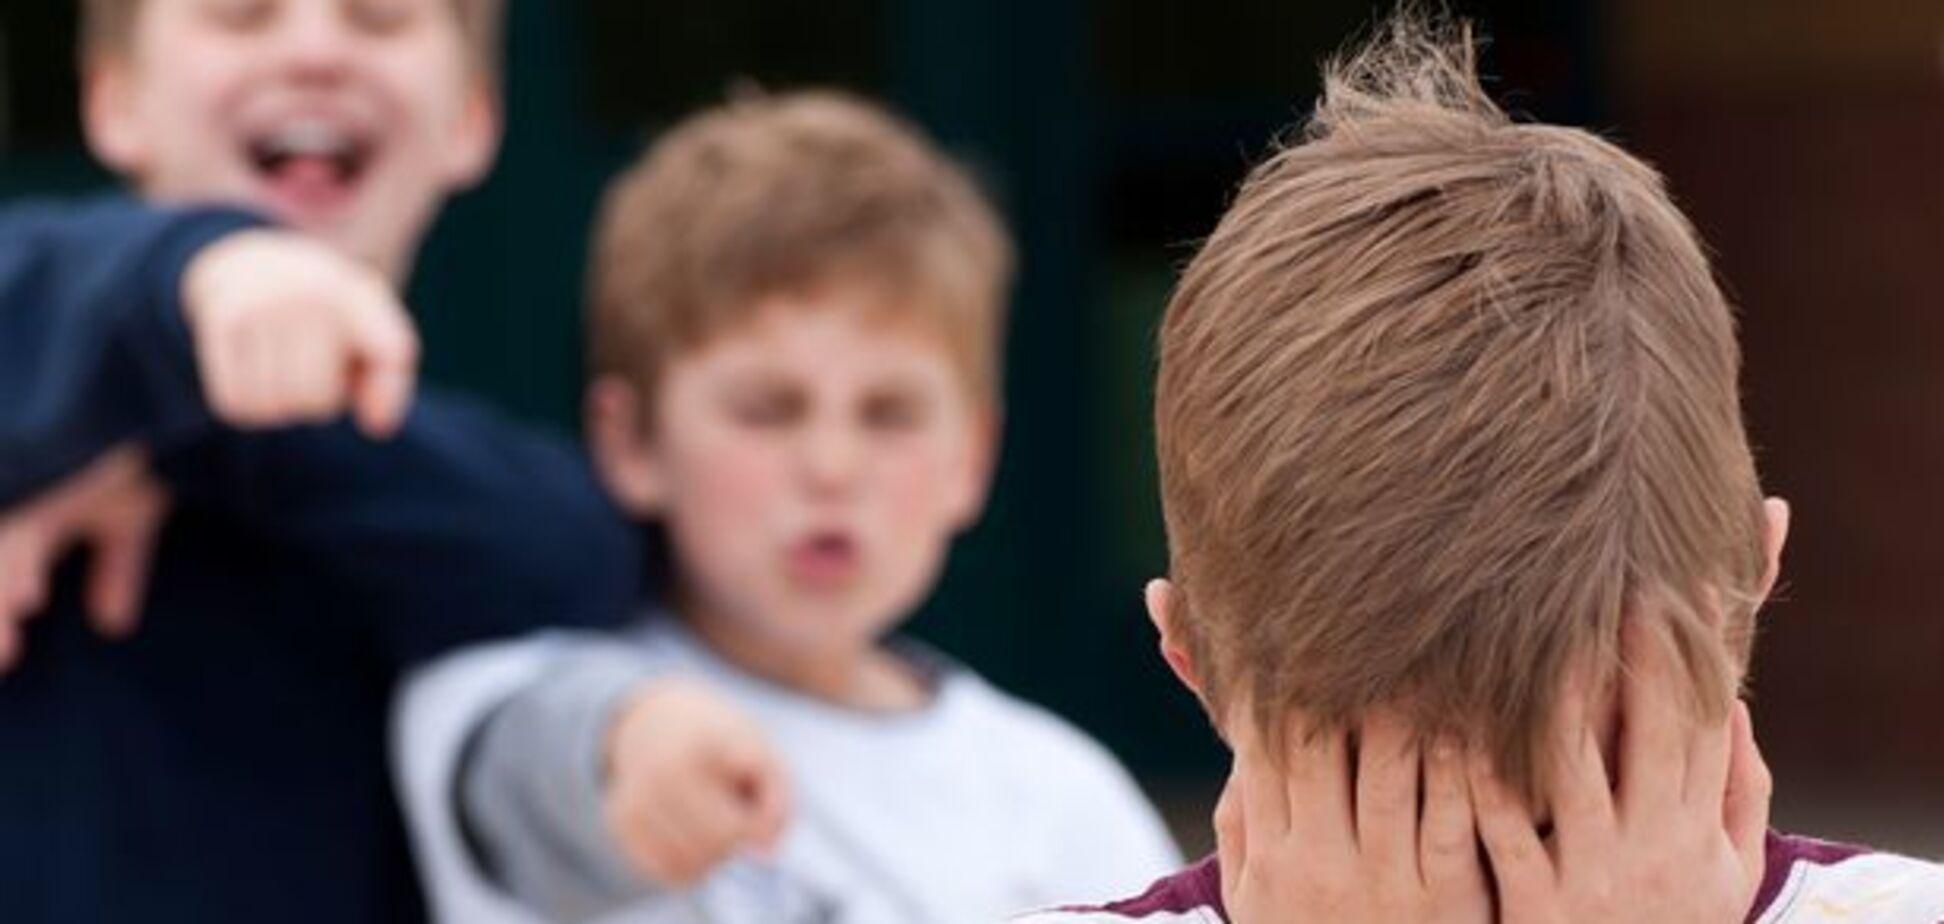 Кожен другий школяр стикається з булінгом: інструкція по вирішенню конфлікту